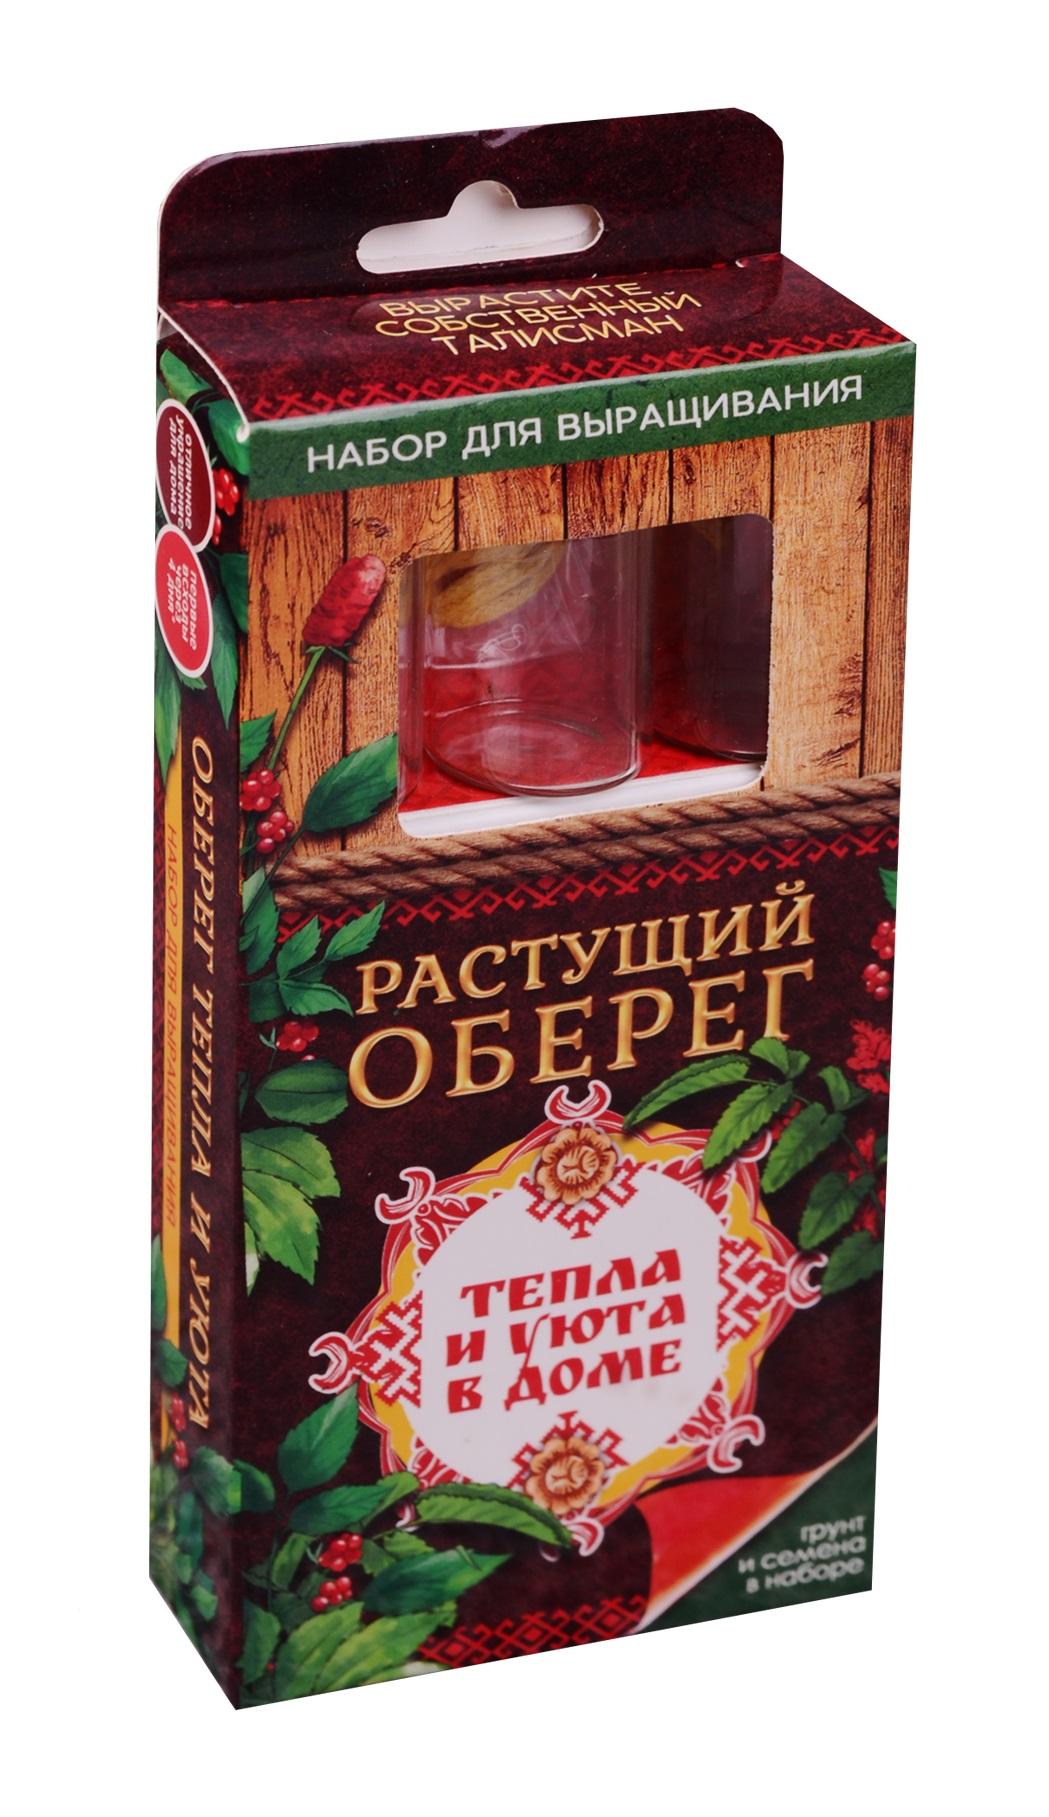 """Сувенир растущая травка """"Тепла и уюта в доме"""" (16 см)"""